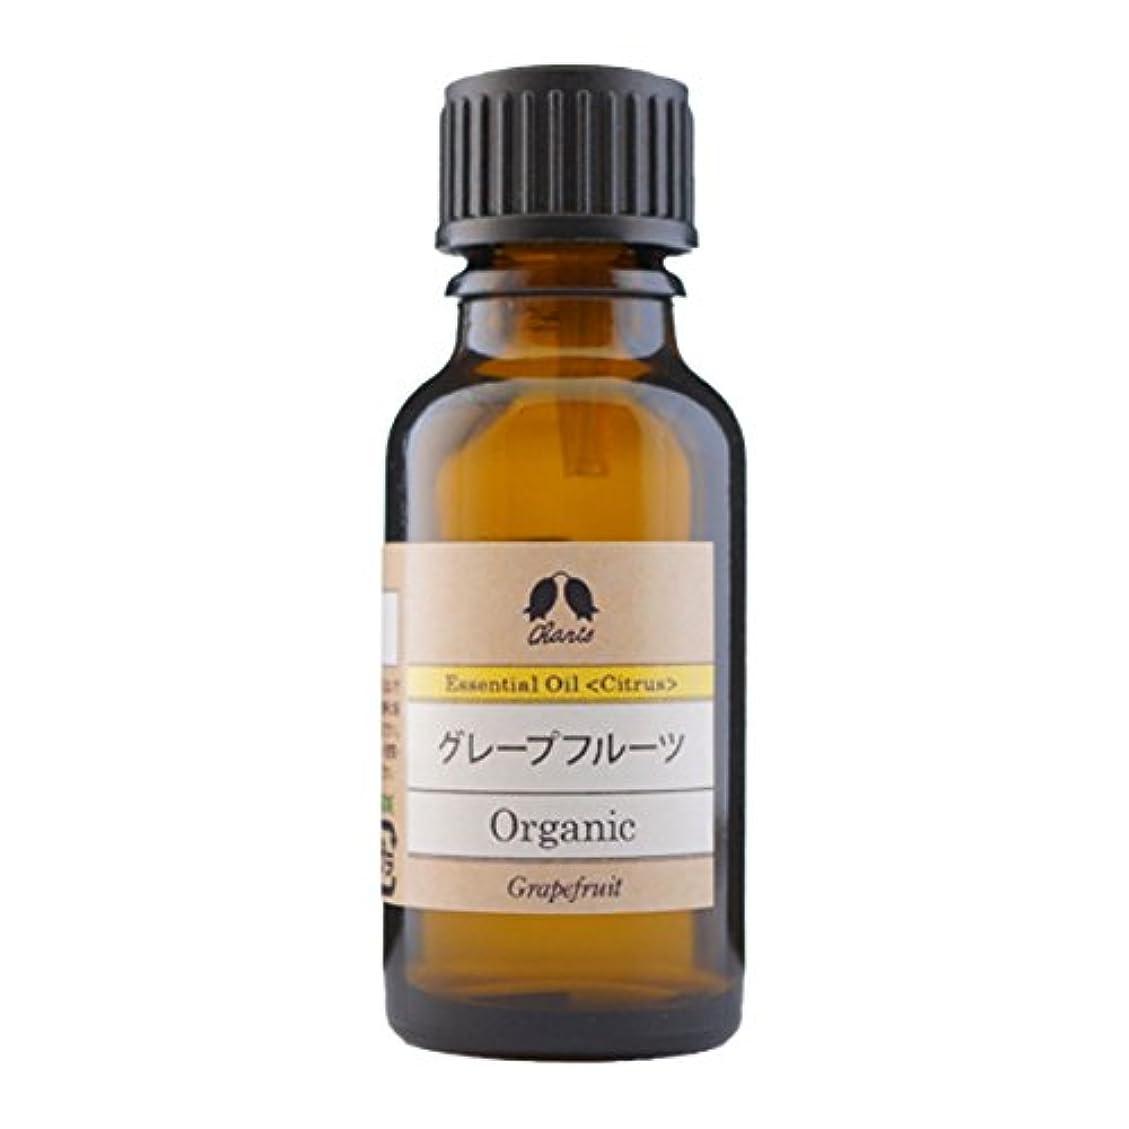 ソロ微生物ビリーヤギカリス エッセンシャルオイル グレープフルーツ オーガニック オイル 20ml